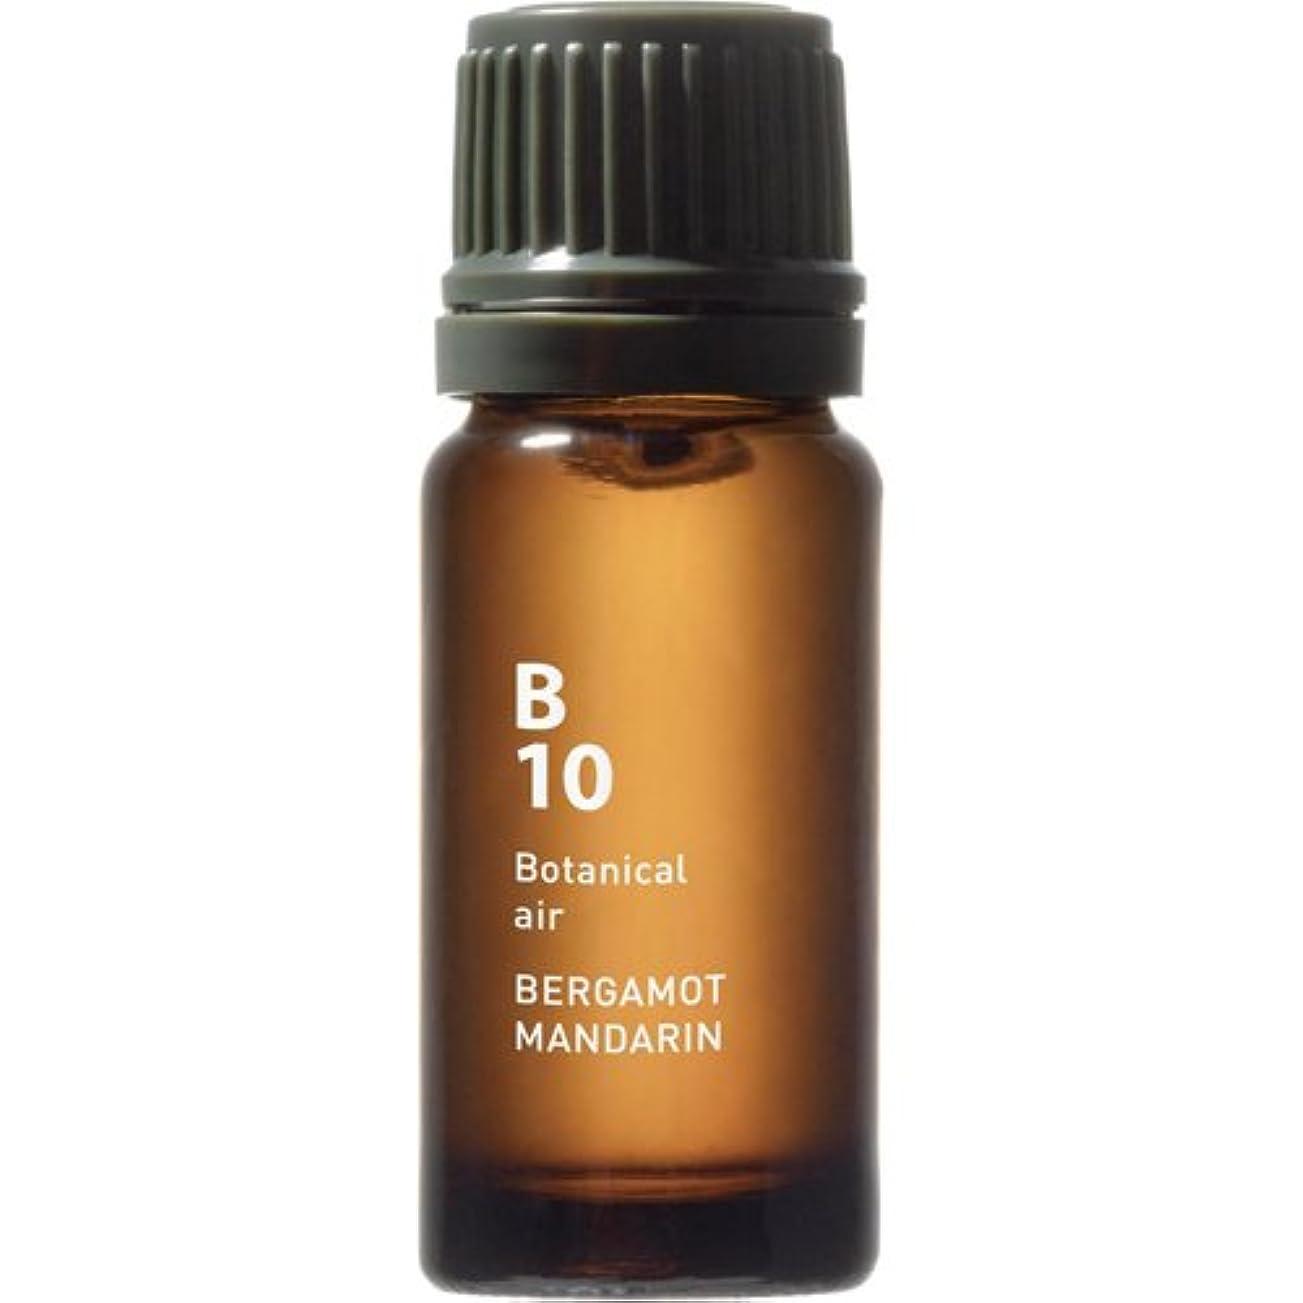 フォーマル屋内補うB10 ベルガモットマンダリン Botanical air(ボタニカルエアー) 10ml